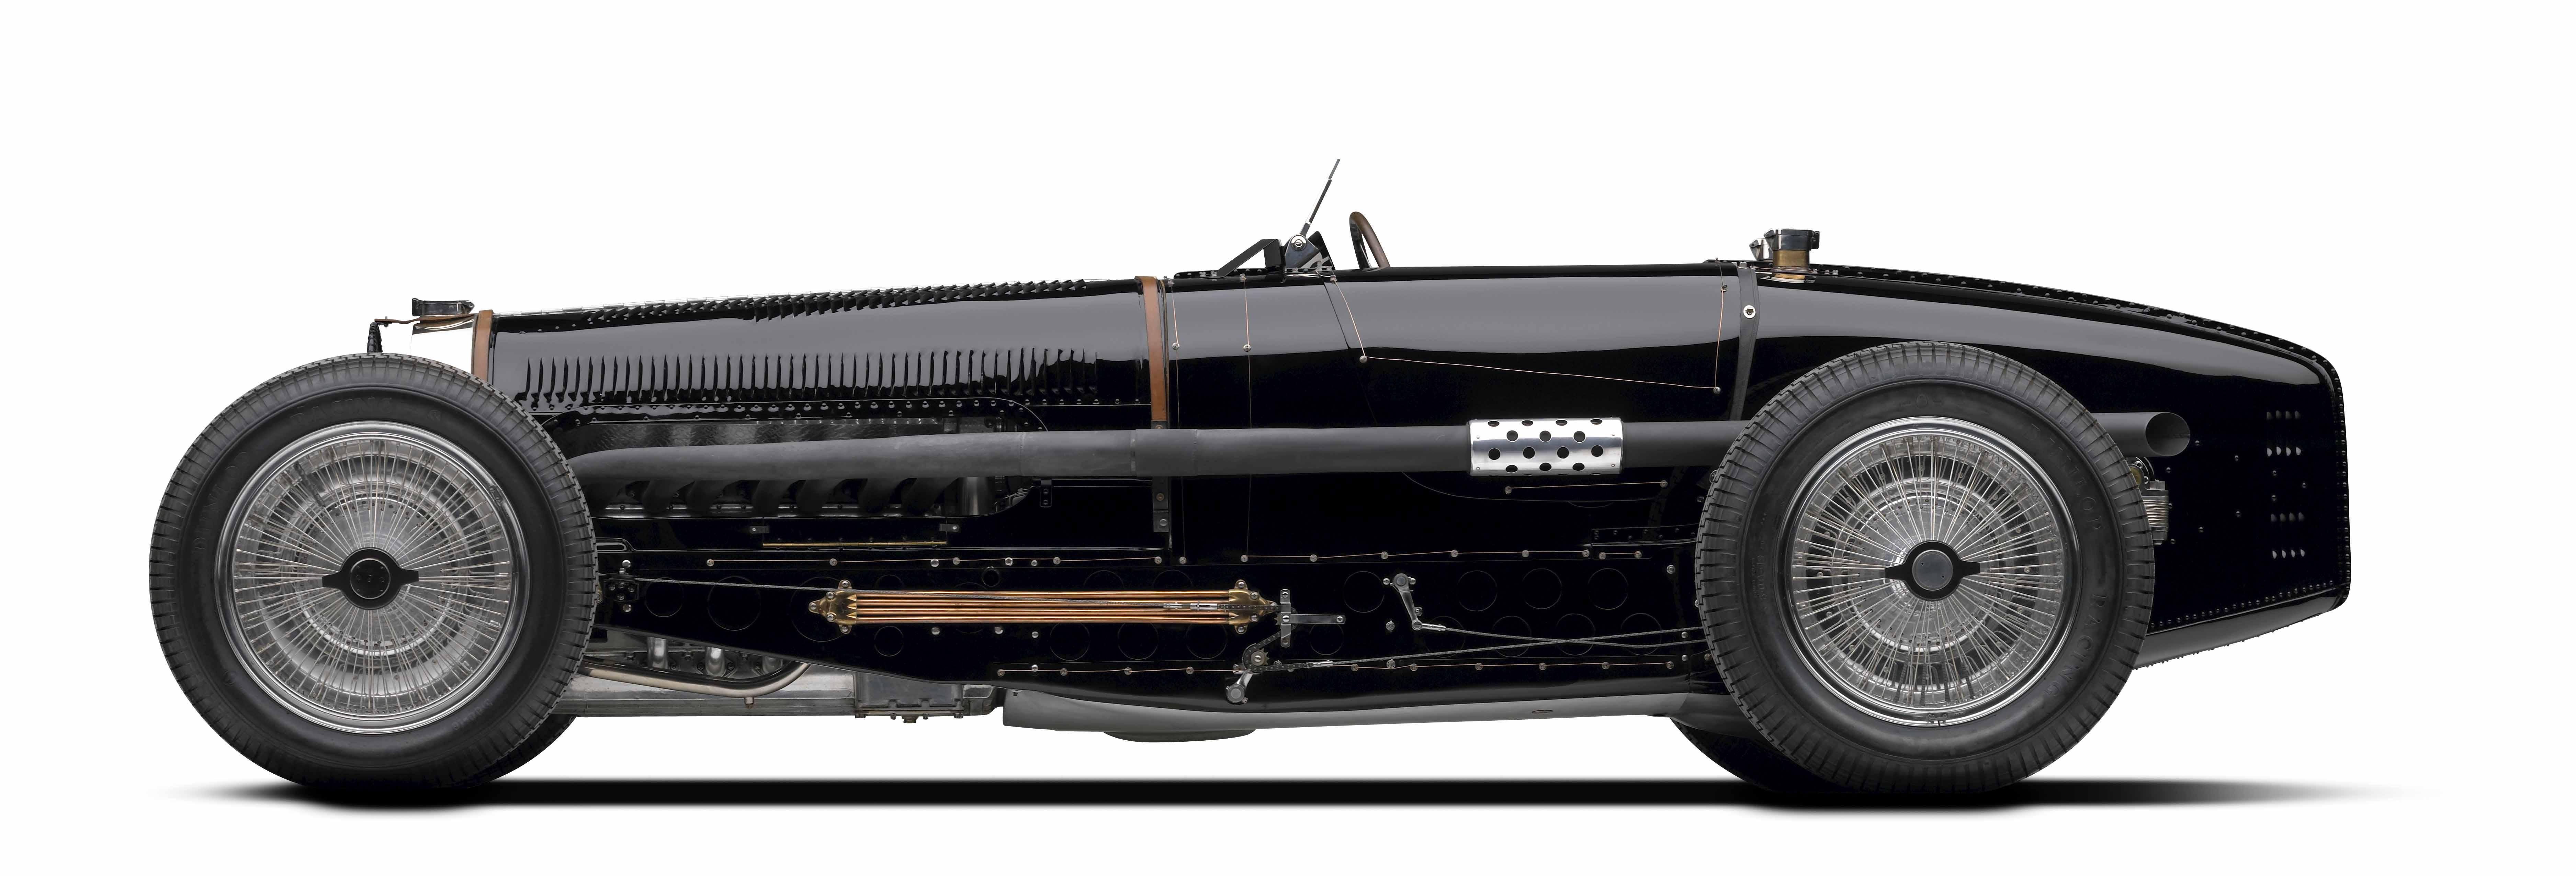 Bugatti-Type-59-Grand-Prix-